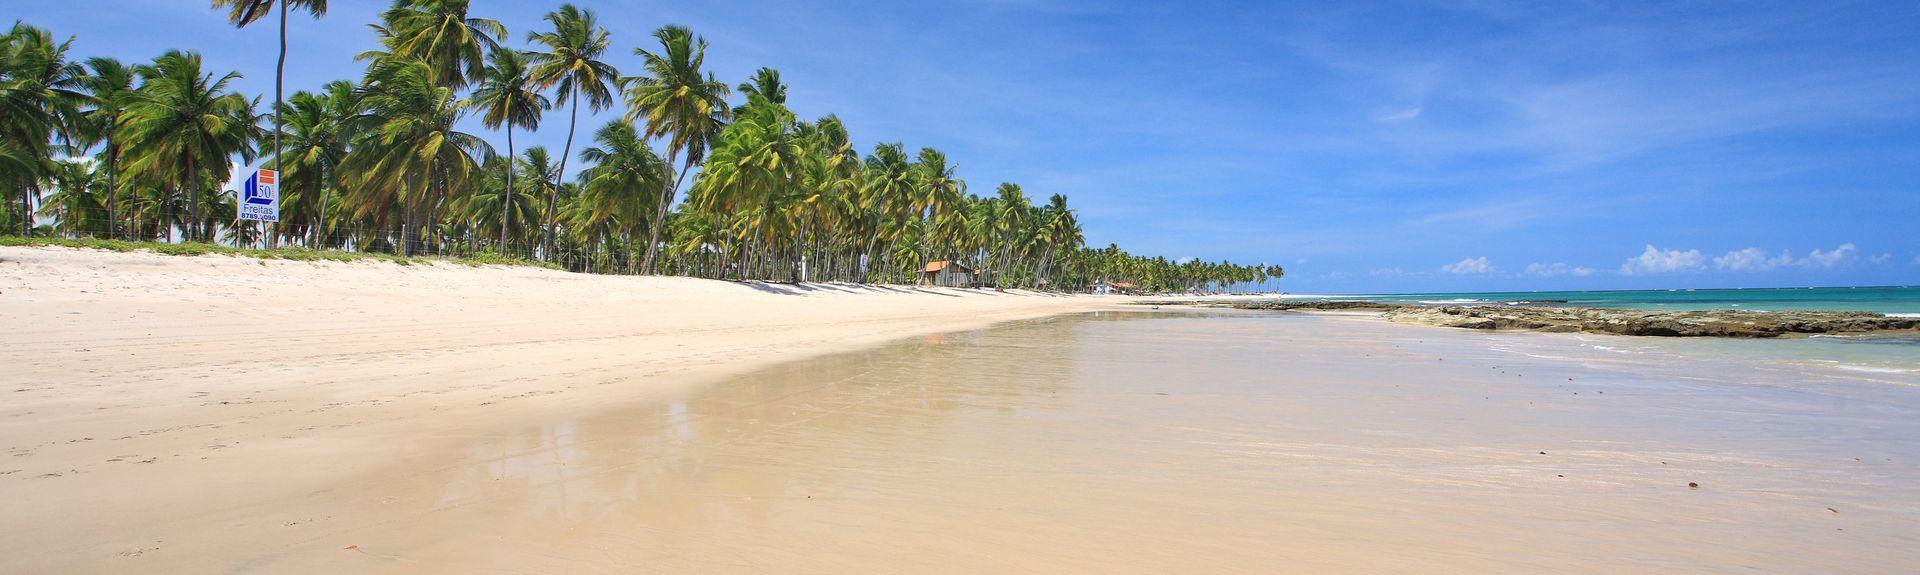 São José da Coroa Grande, Region Północno-Wschodni, Brazylia